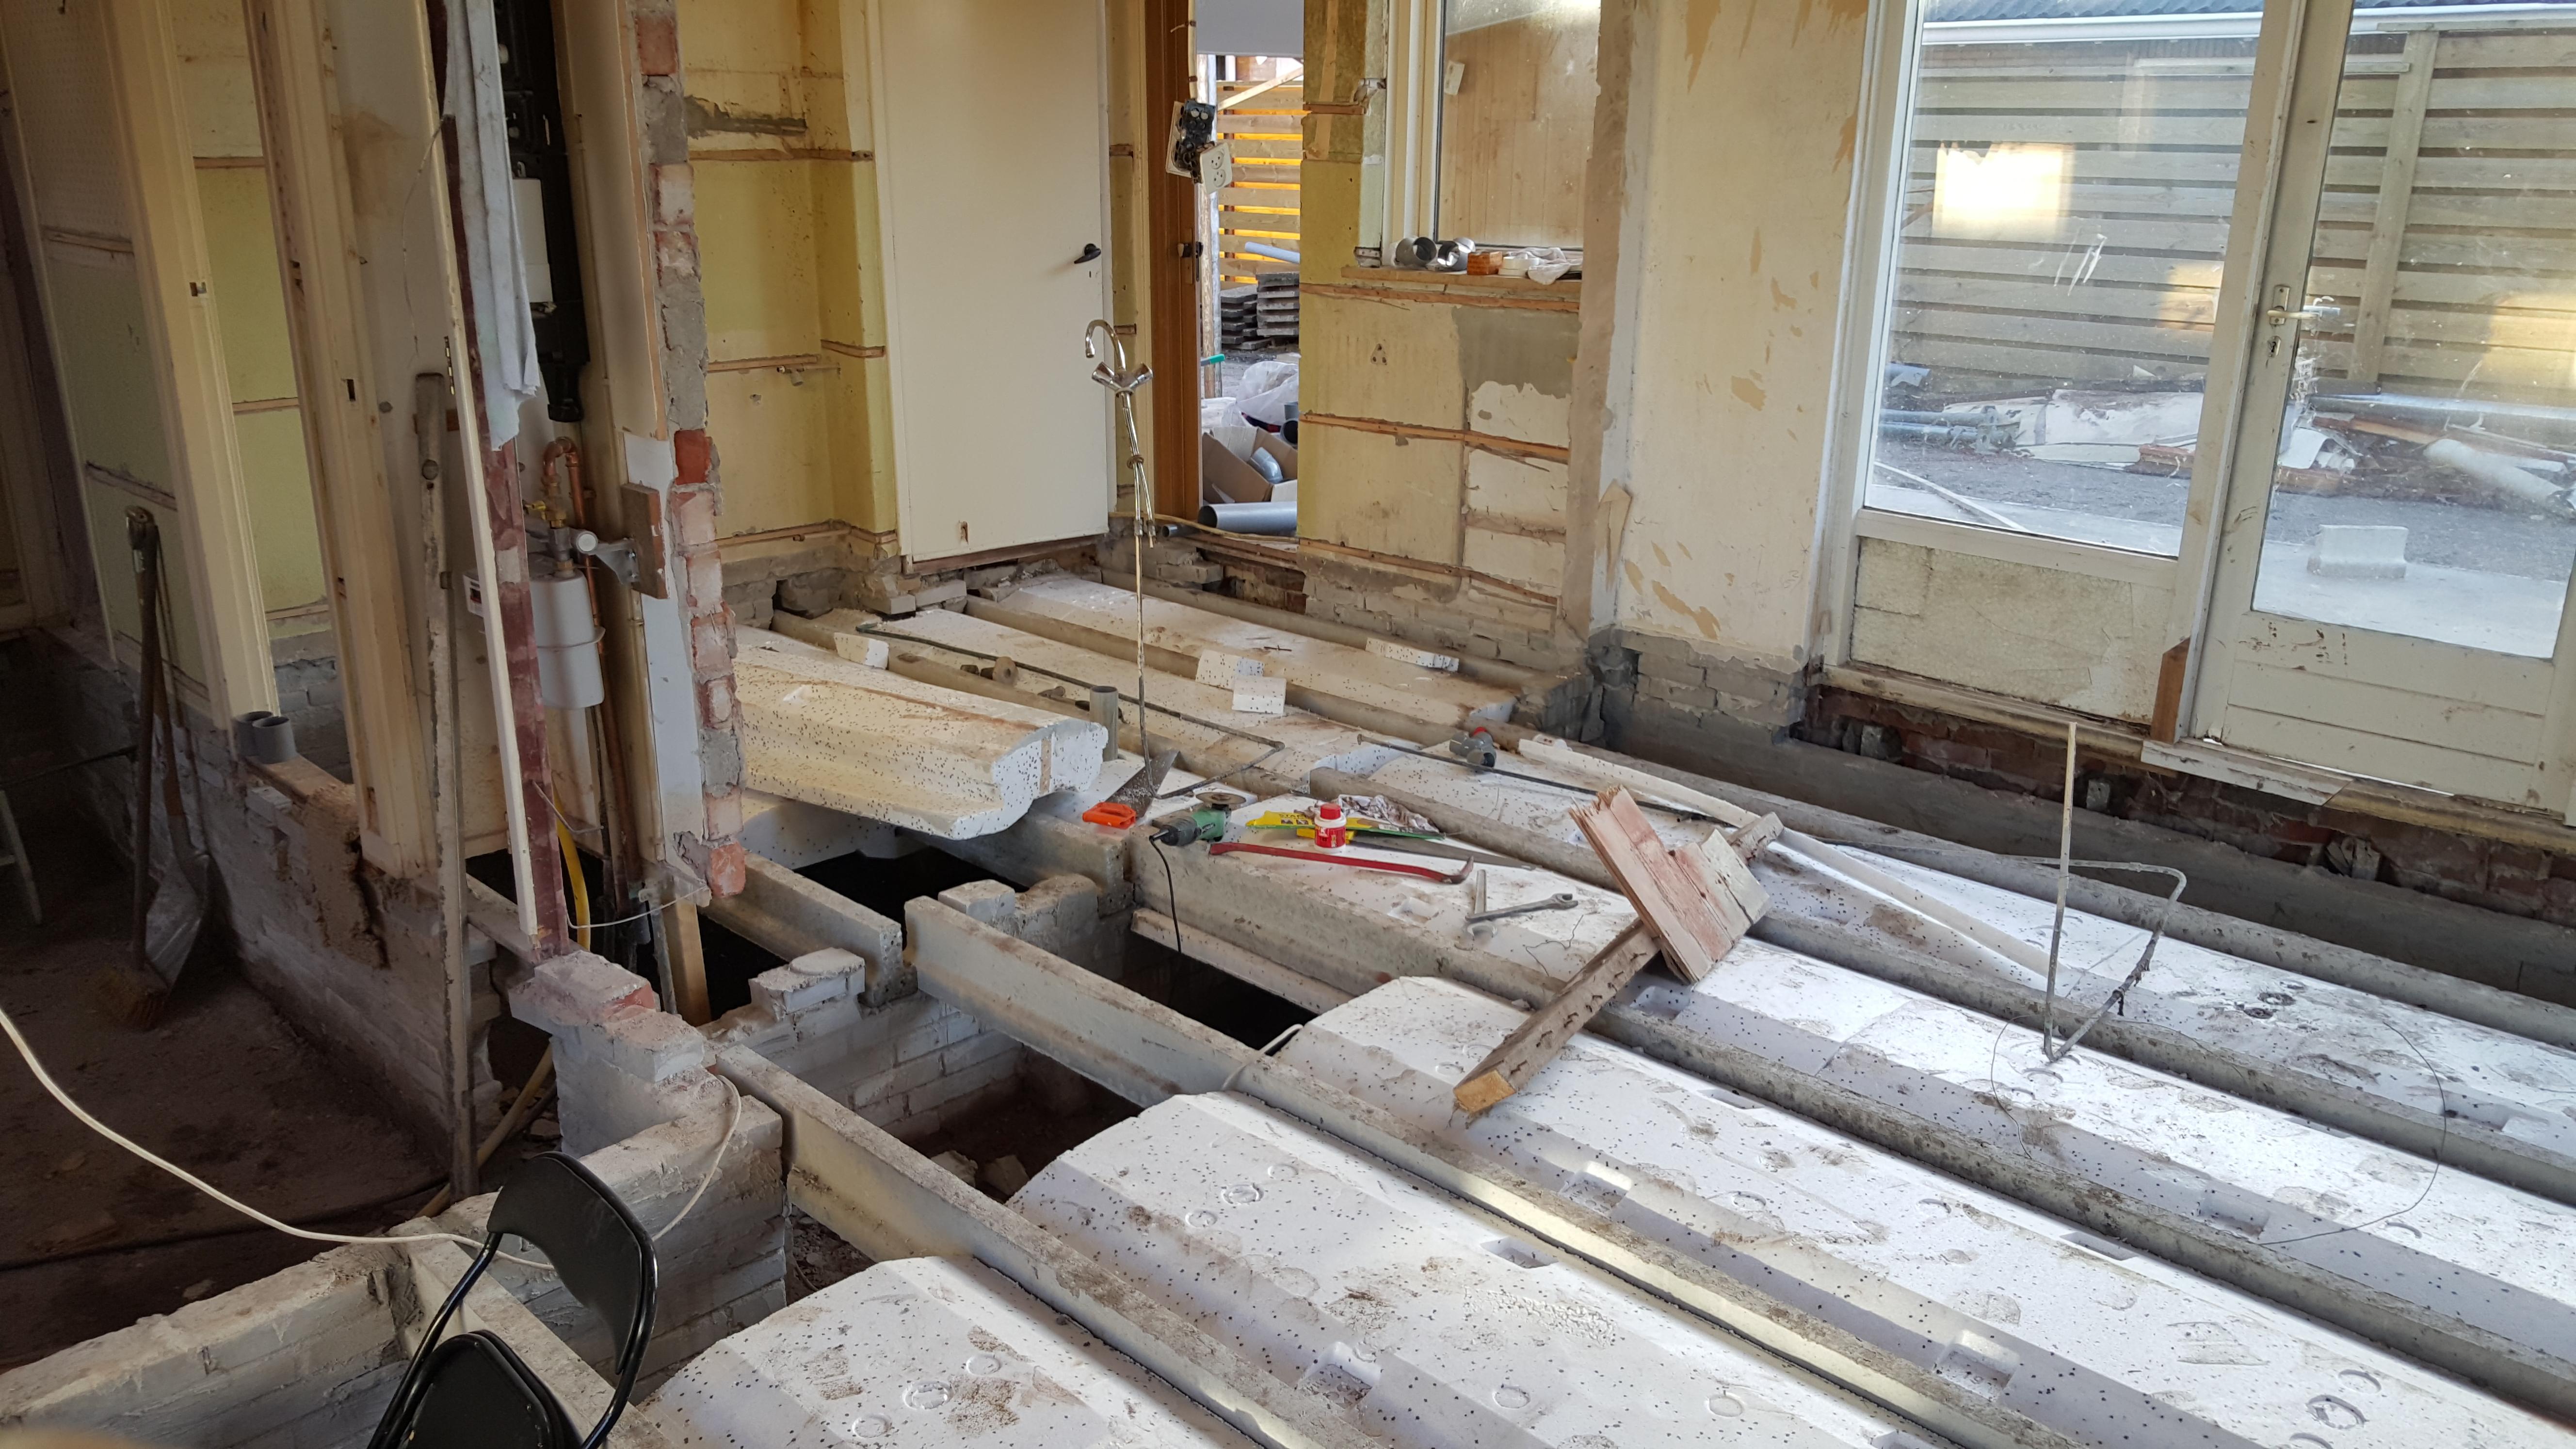 Geisoleerde betonvloer in bestaande woning markus martens - Hardhouten vloeren vloerverwarming ...